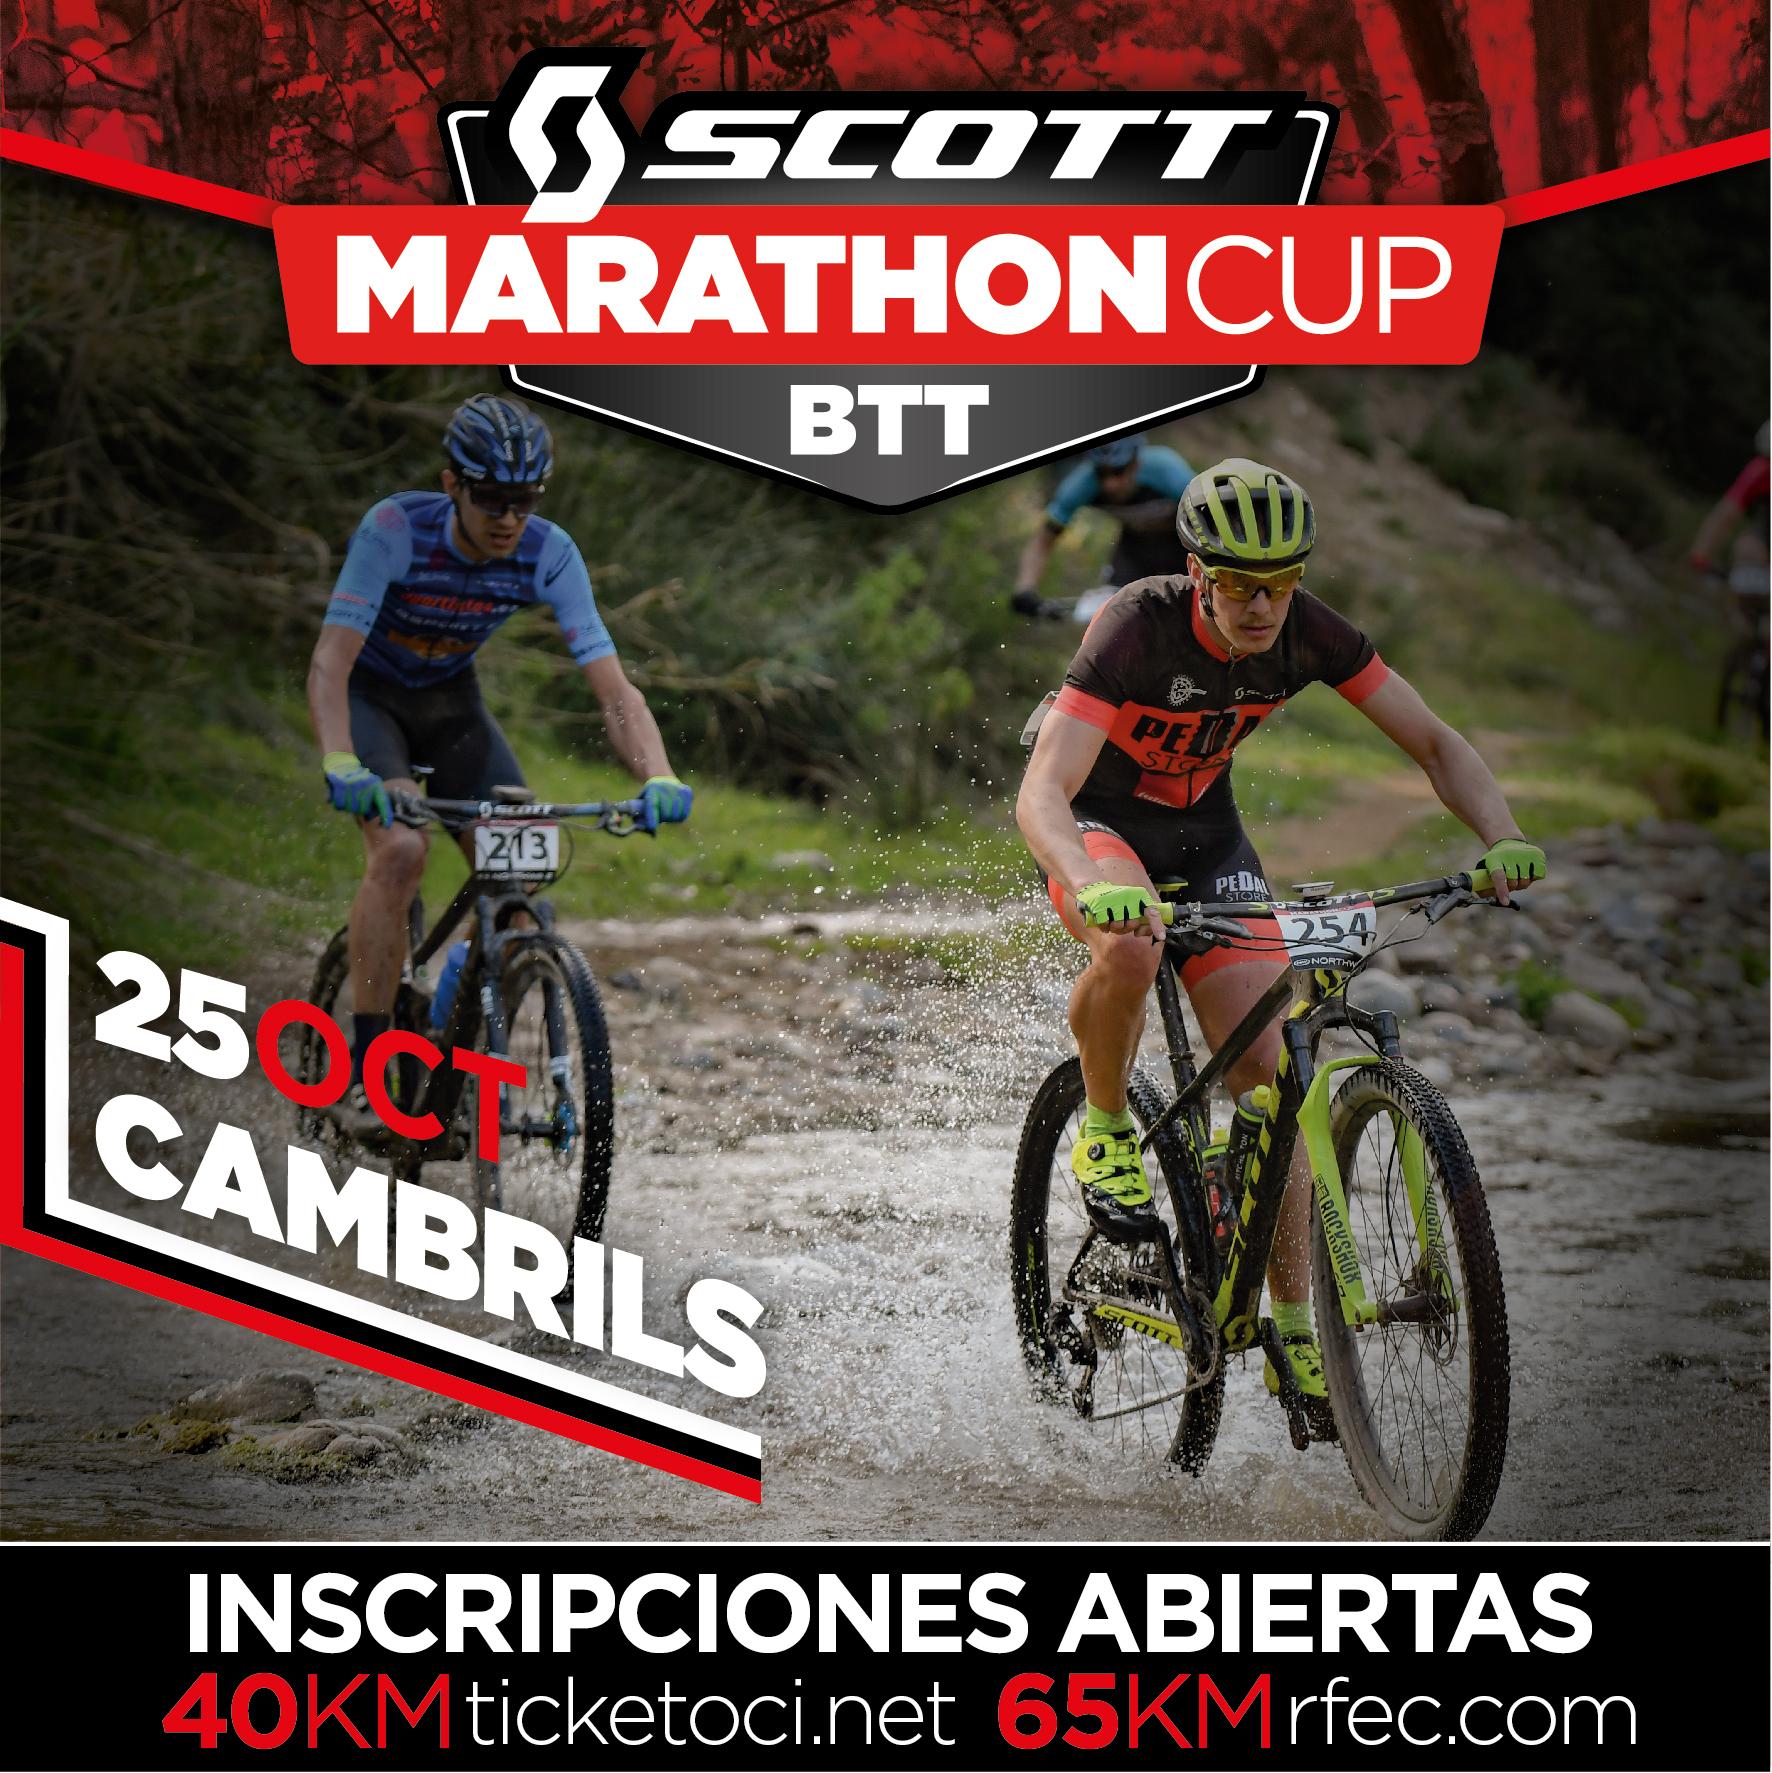 La Scott Marathon Cup de Cambrils se aplaza al 25 de octubre